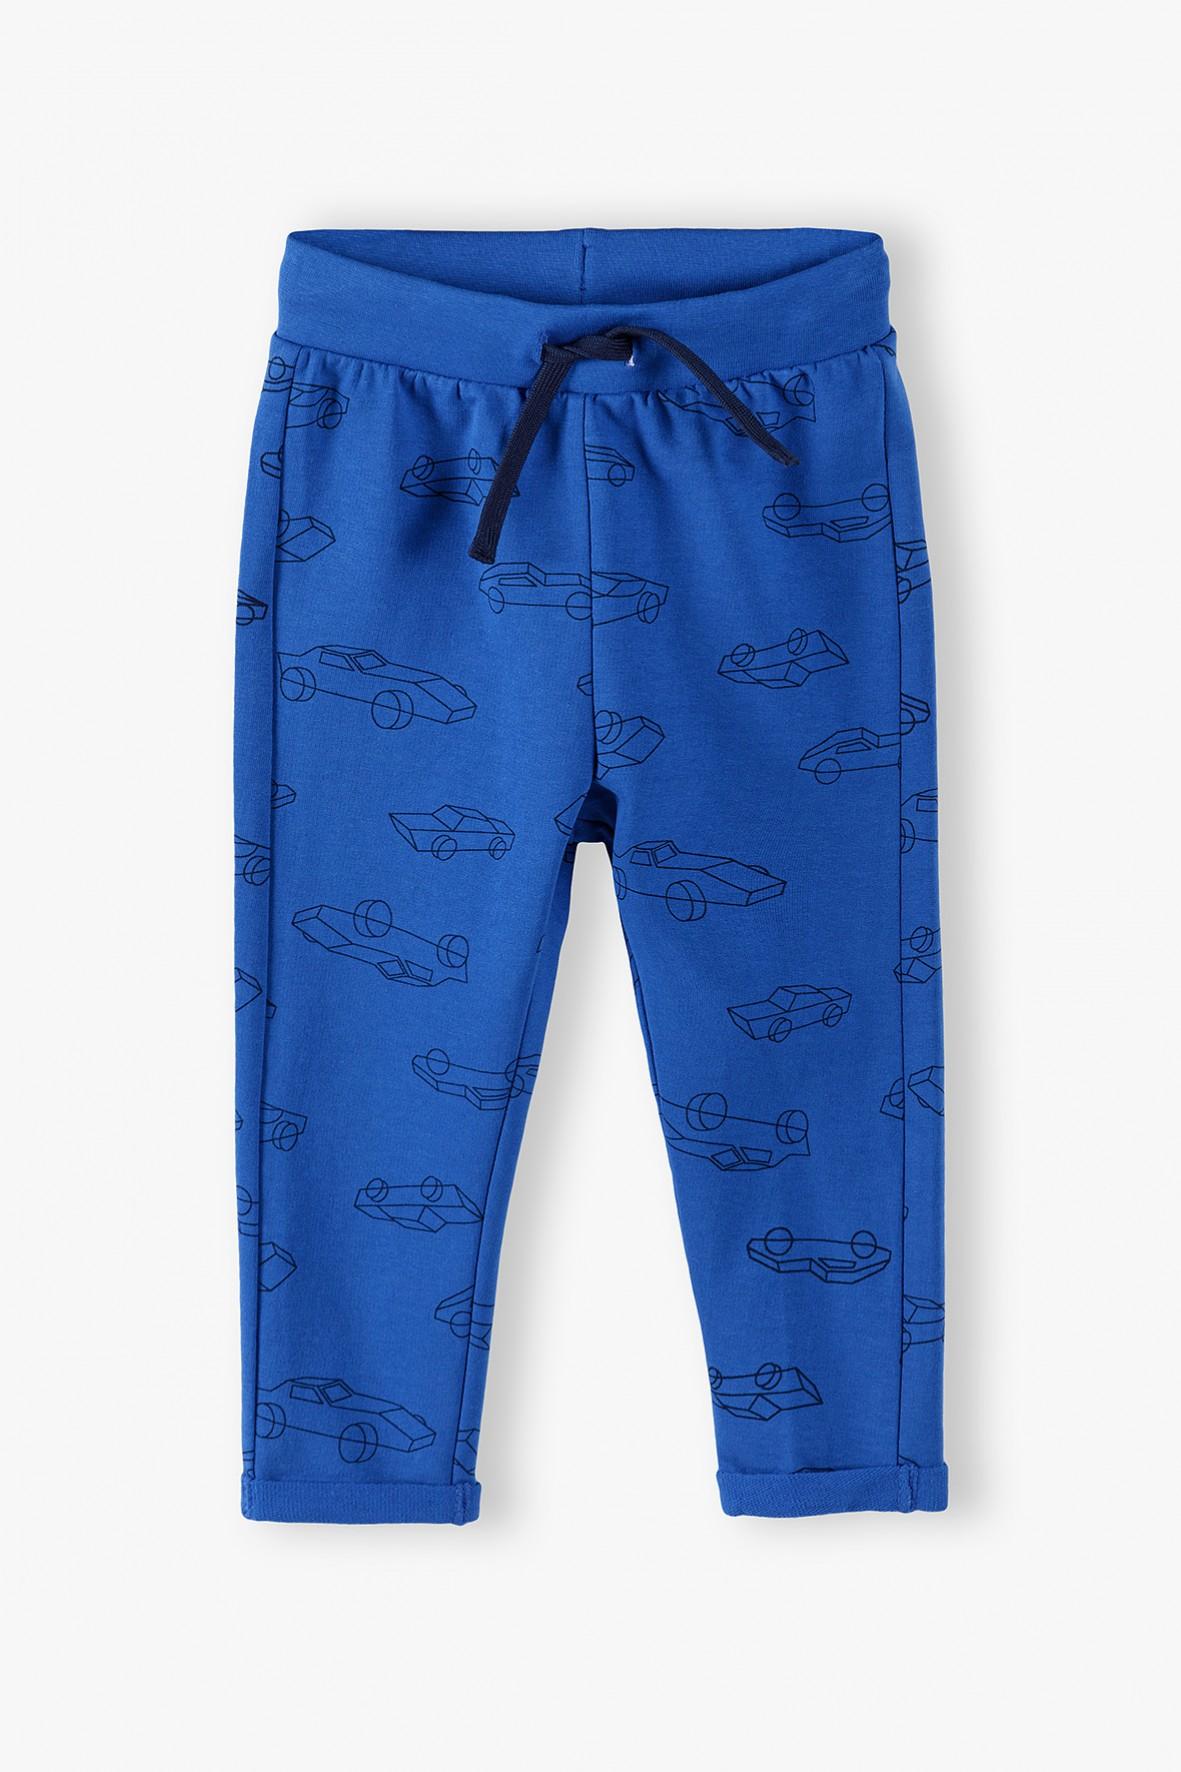 Bawełniane spodnie dresowe niebieskie w autka